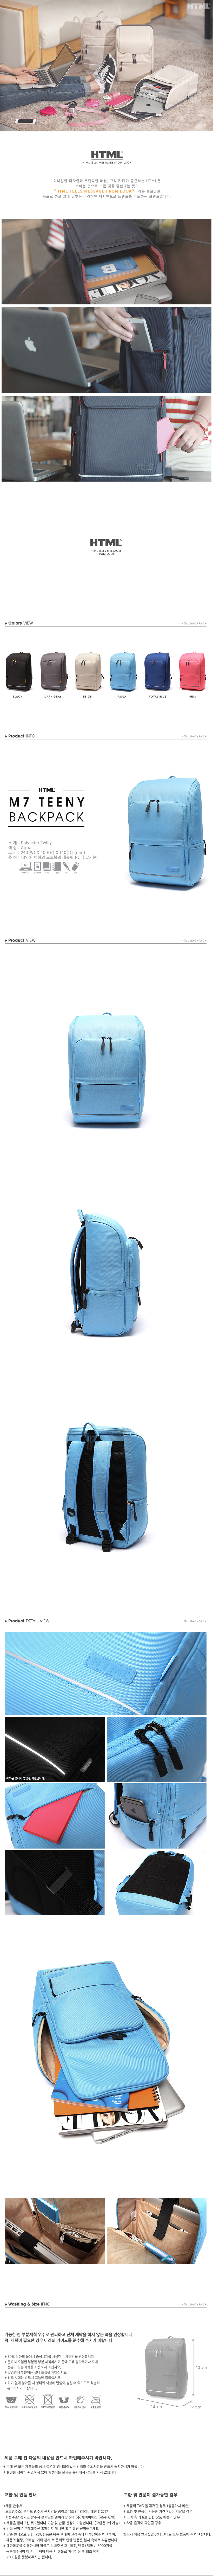 [에이치티엠엘]HTML-M7 WOMAN TEENY (2015) Backpack (AQUA) 티니 백팩